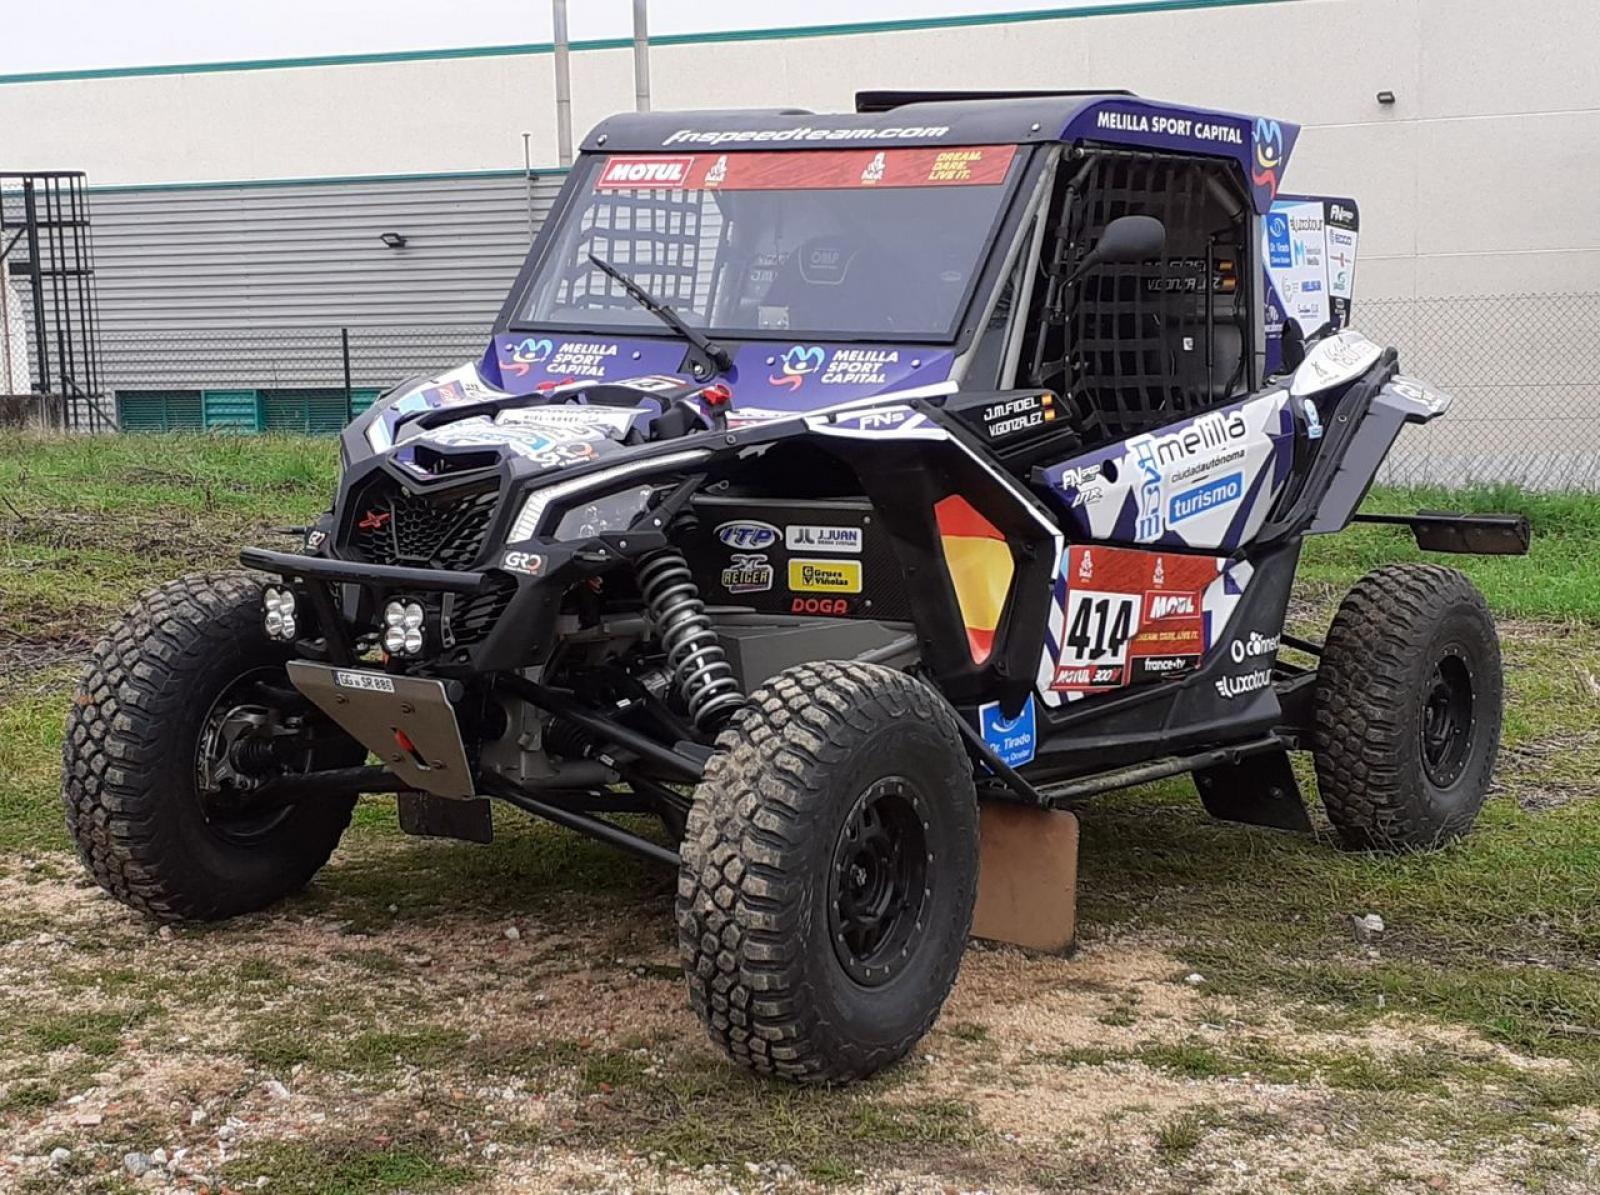 TOYOTA LANDCRUISER KDJ120 T2 FIA - 1